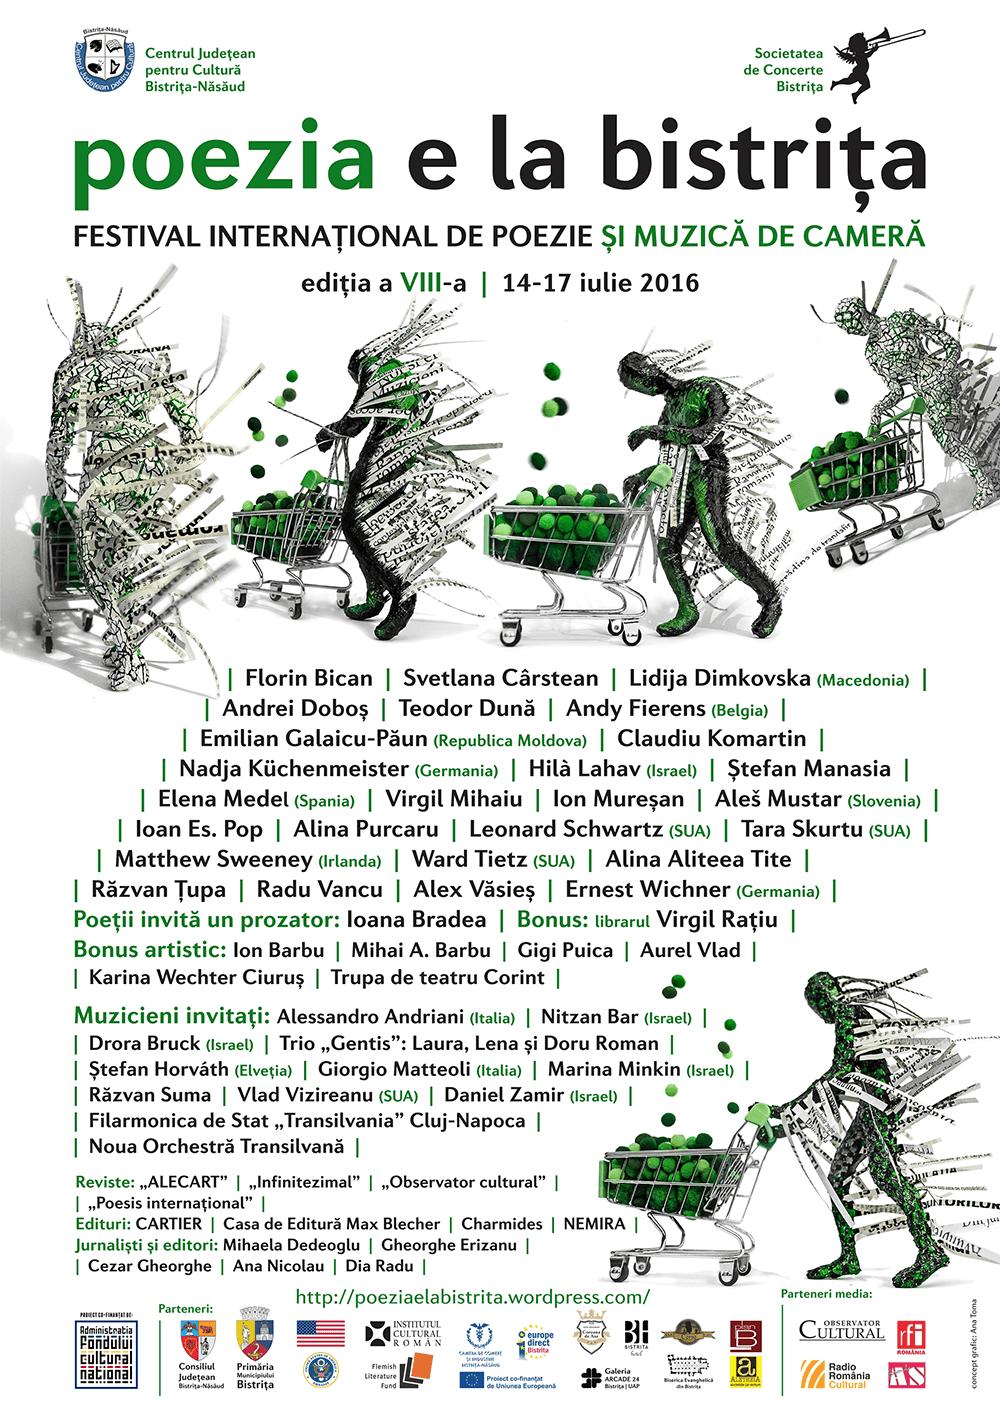 poster-poezia-e-la-bistrita-2016